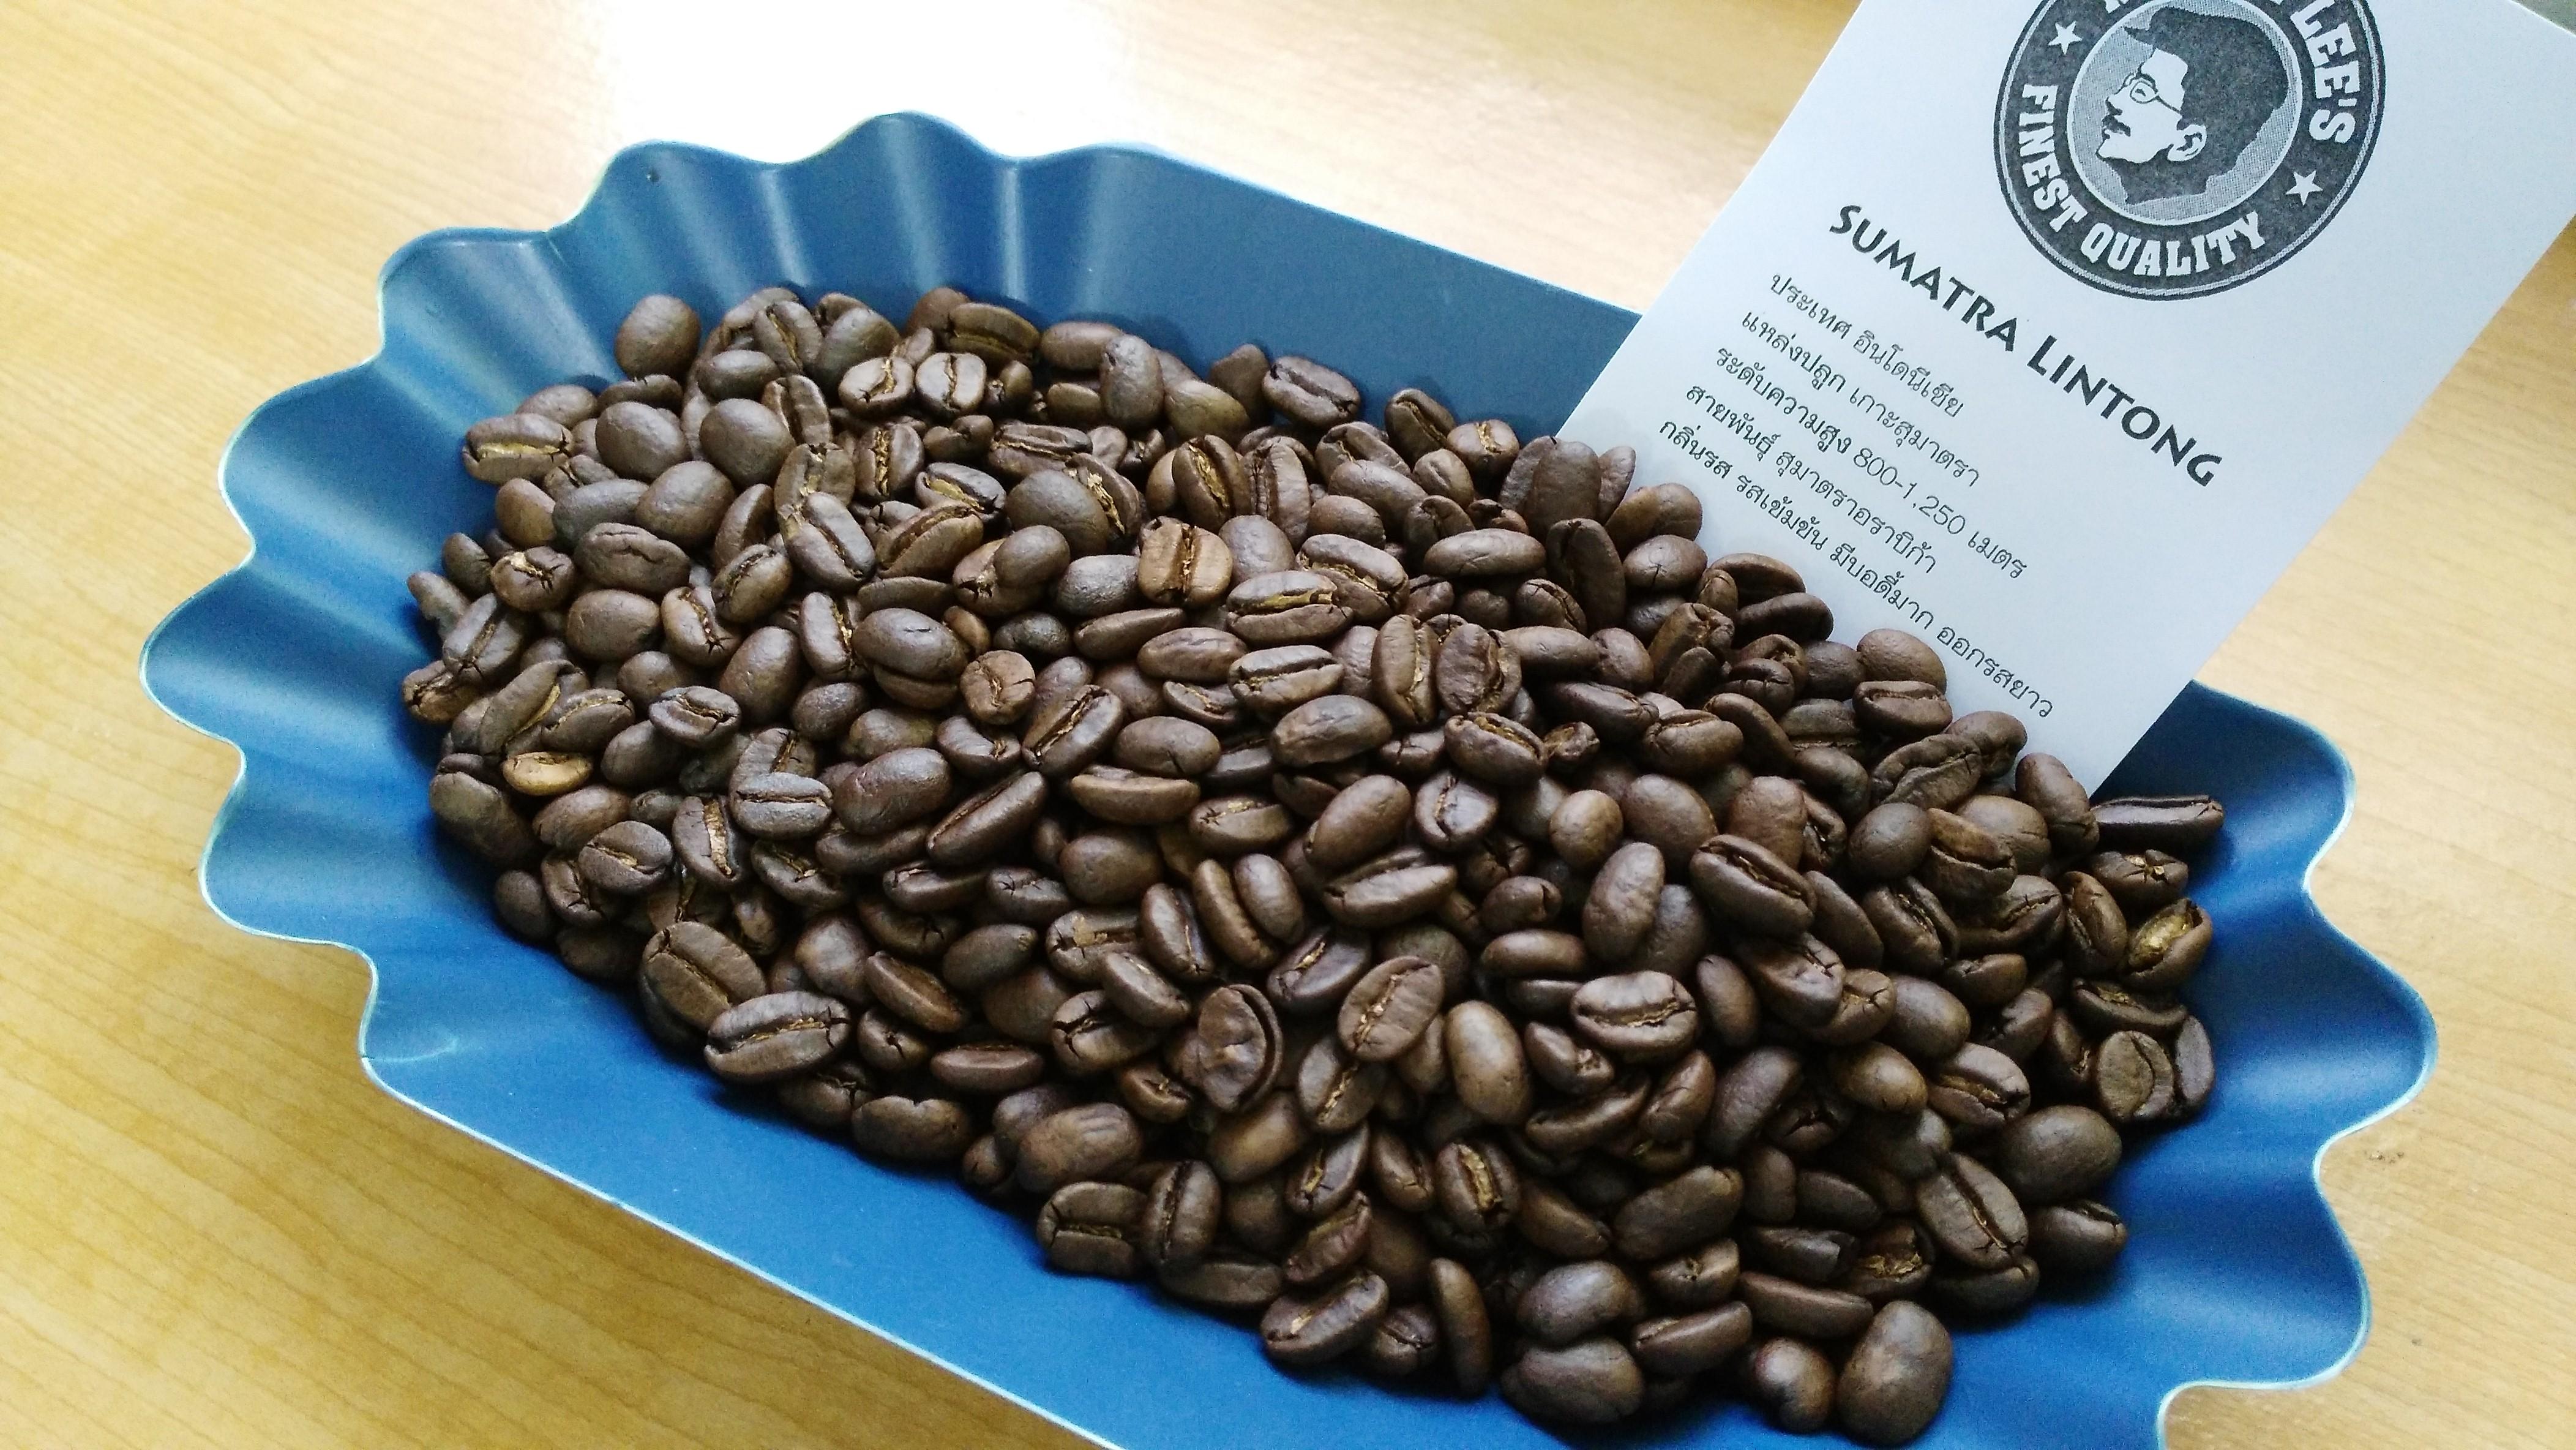 เมล็ดกาแฟคั่วสุมาตราลินตอง (Sumatra Lintong Coffee)